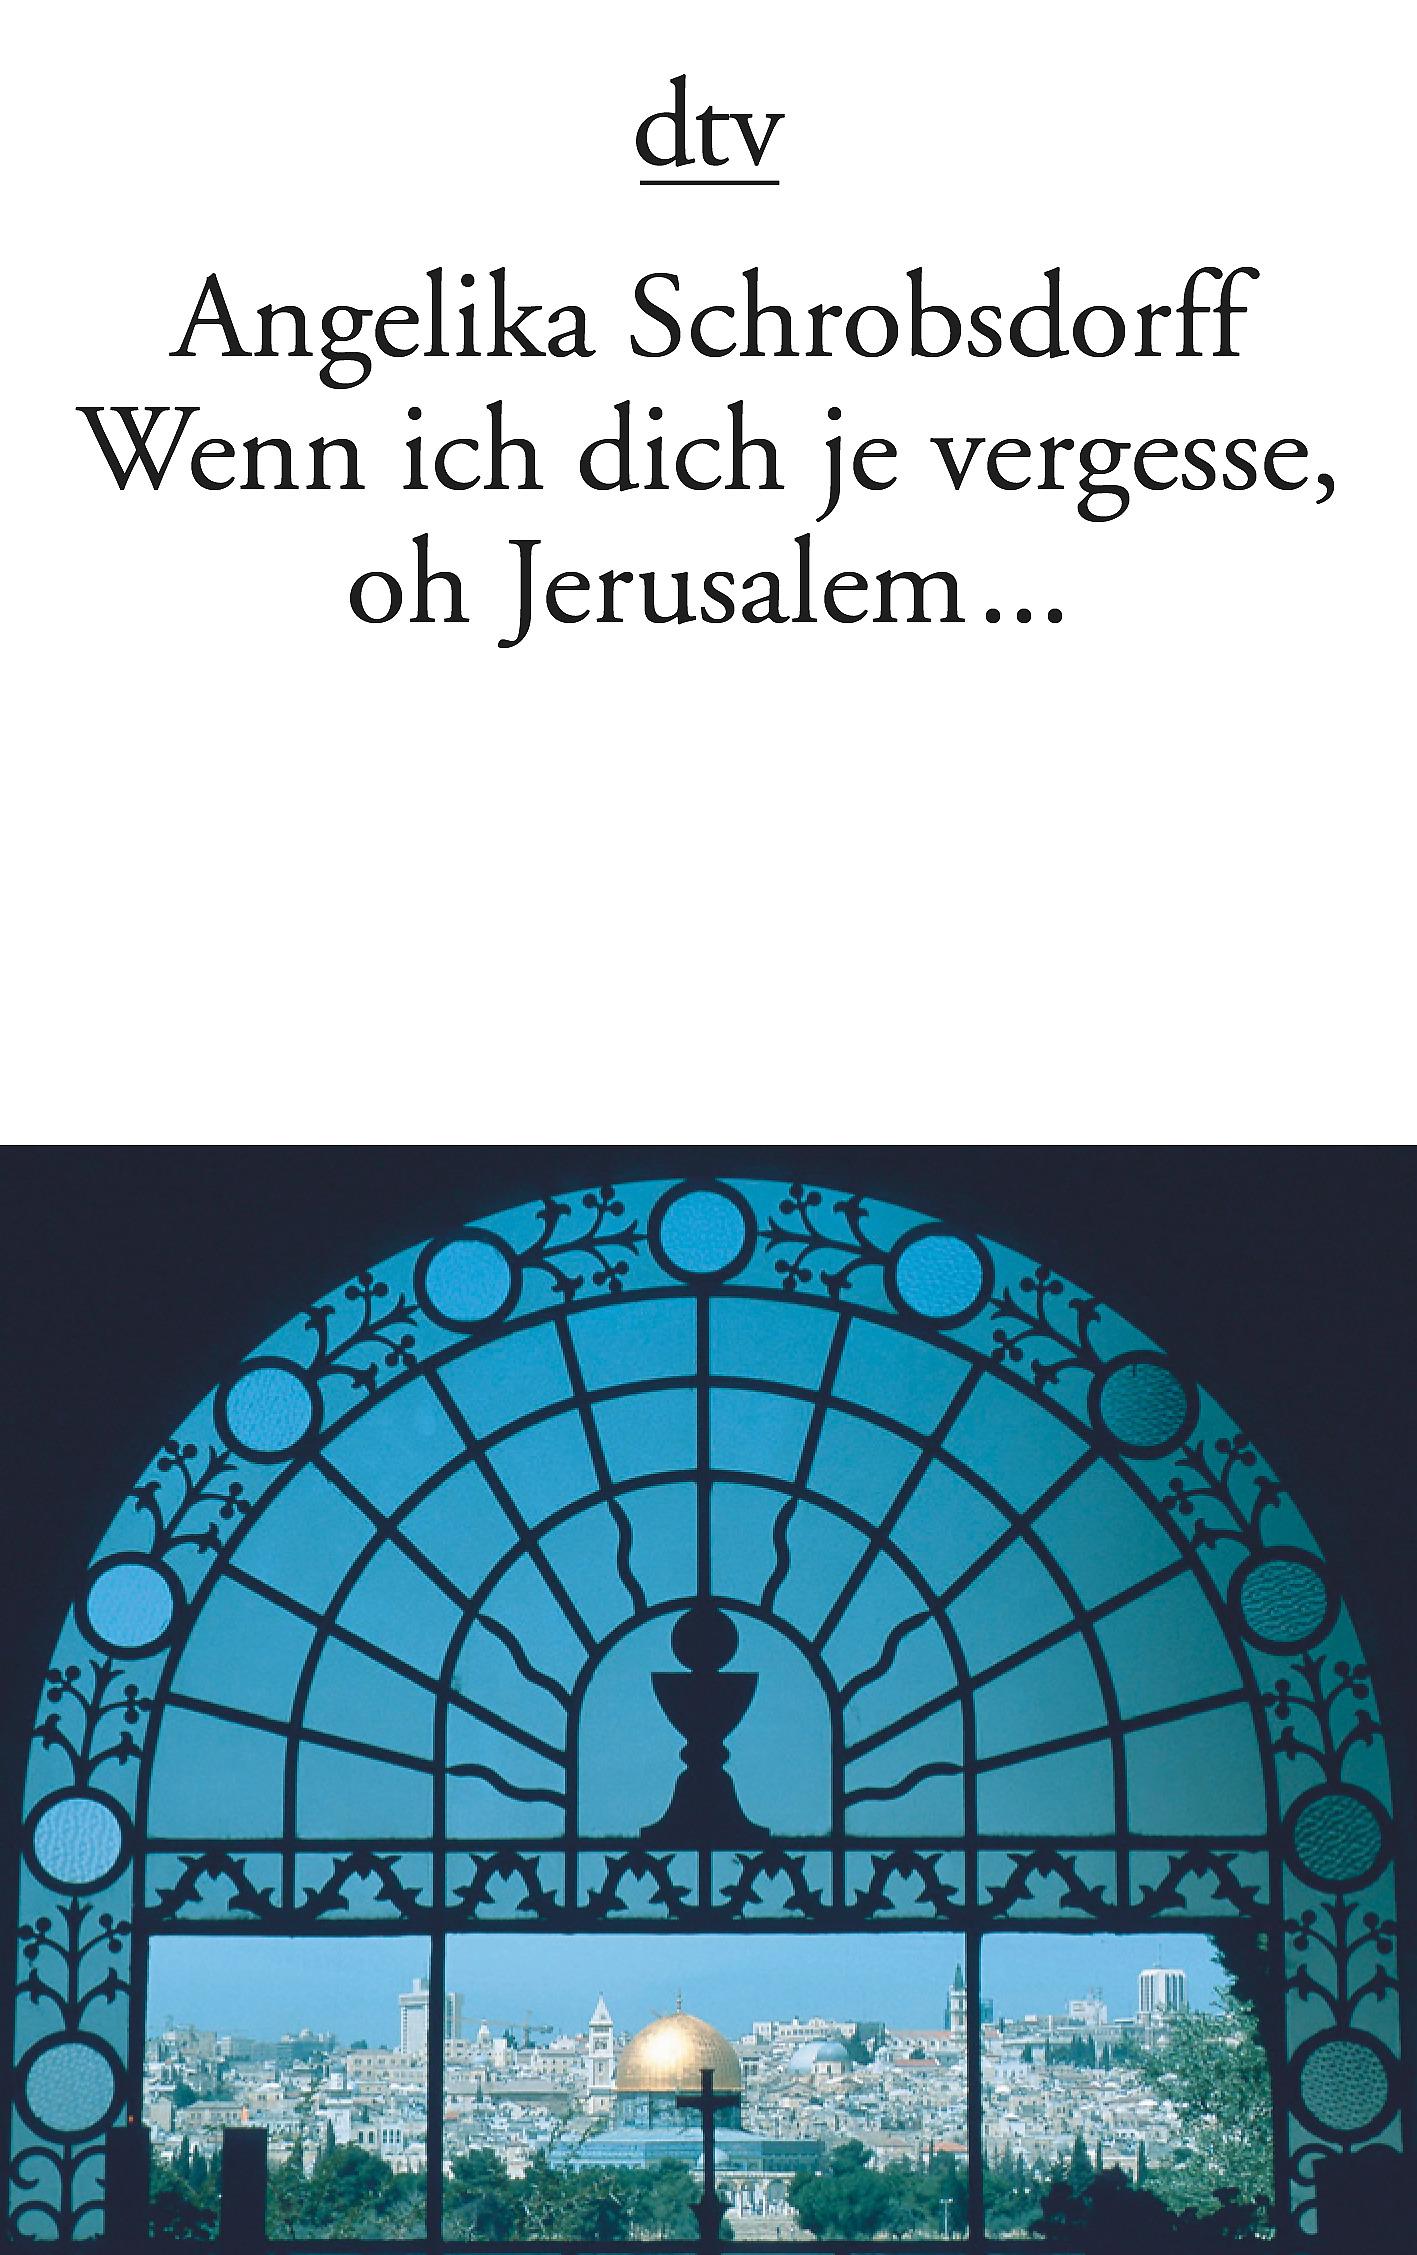 Wenn-ich-dich-je-vergesse-oh-Jerusalem-Angelika-Schrobsdorff